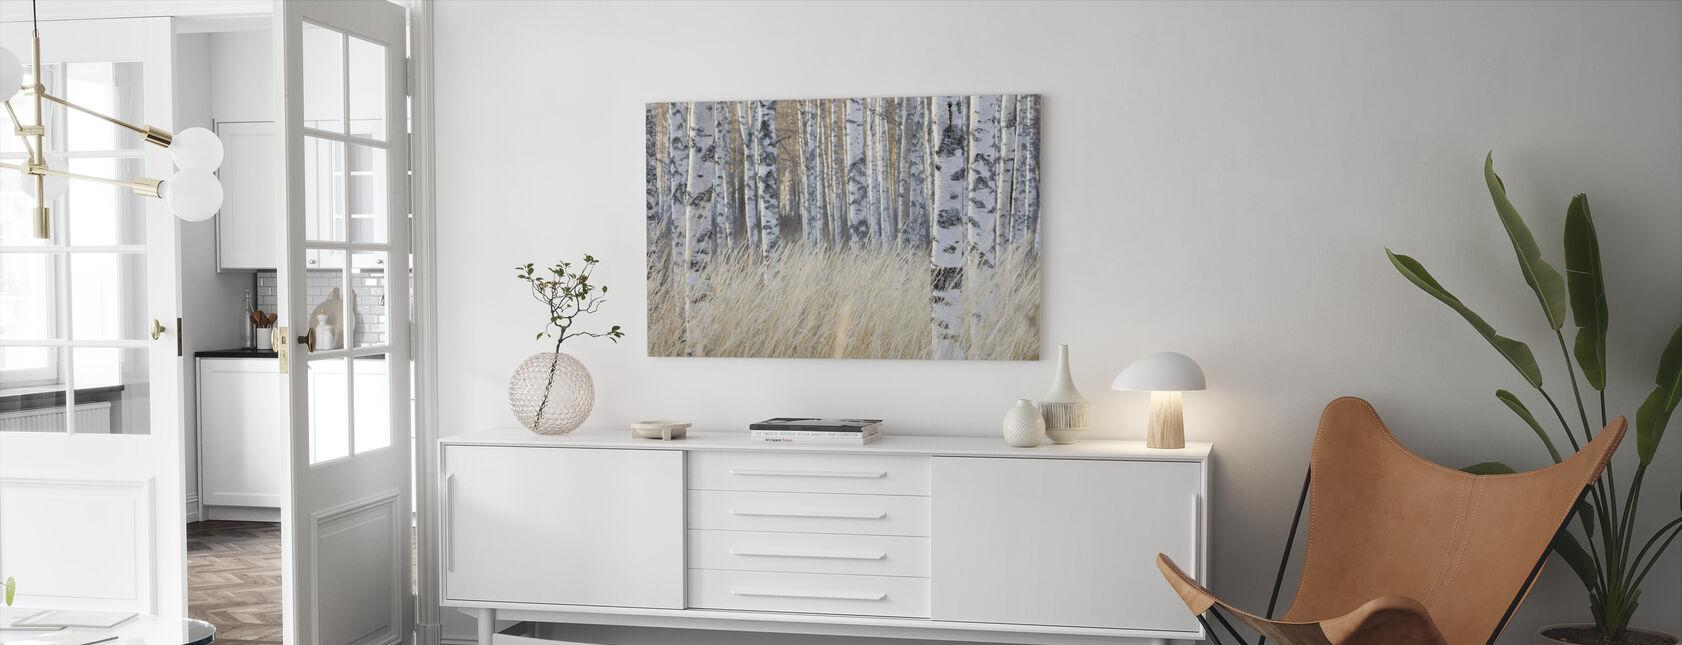 Birkenwald hell - Leinwandbild - Wohnzimmer